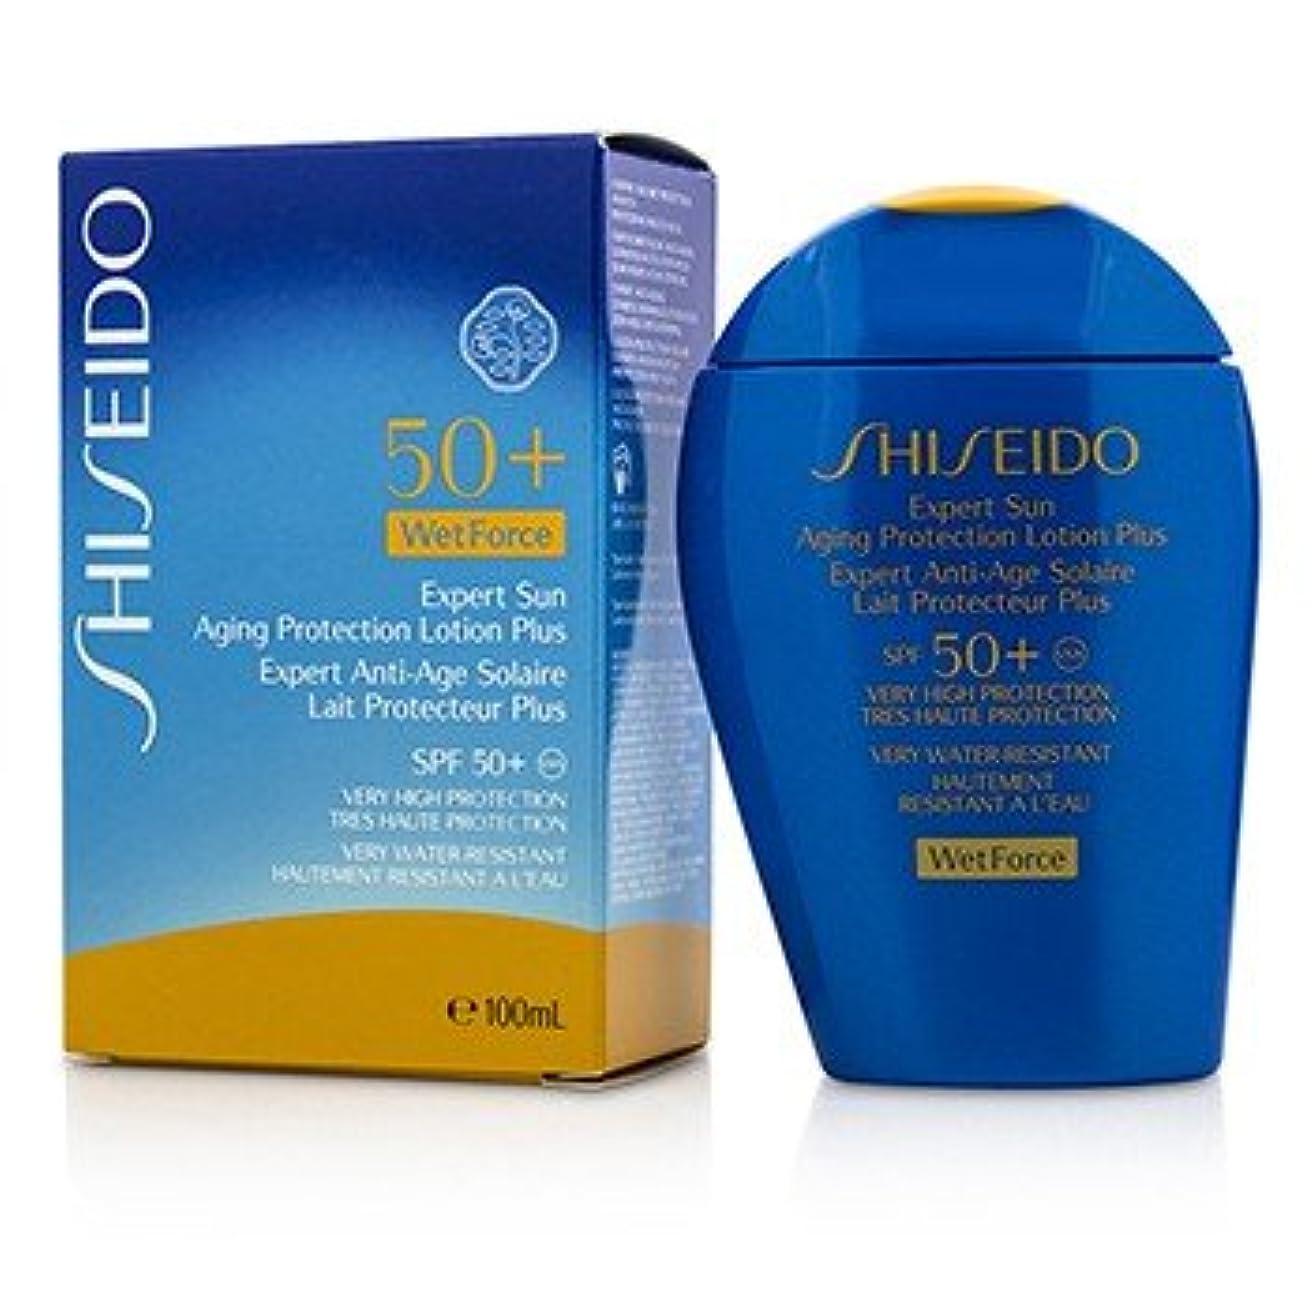 予約おじいちゃんメガロポリス[Shiseido] Expert Sun Aging Protection Lotion Plus WetForce For Face & Body SPF 50+ 100ml/3.4oz